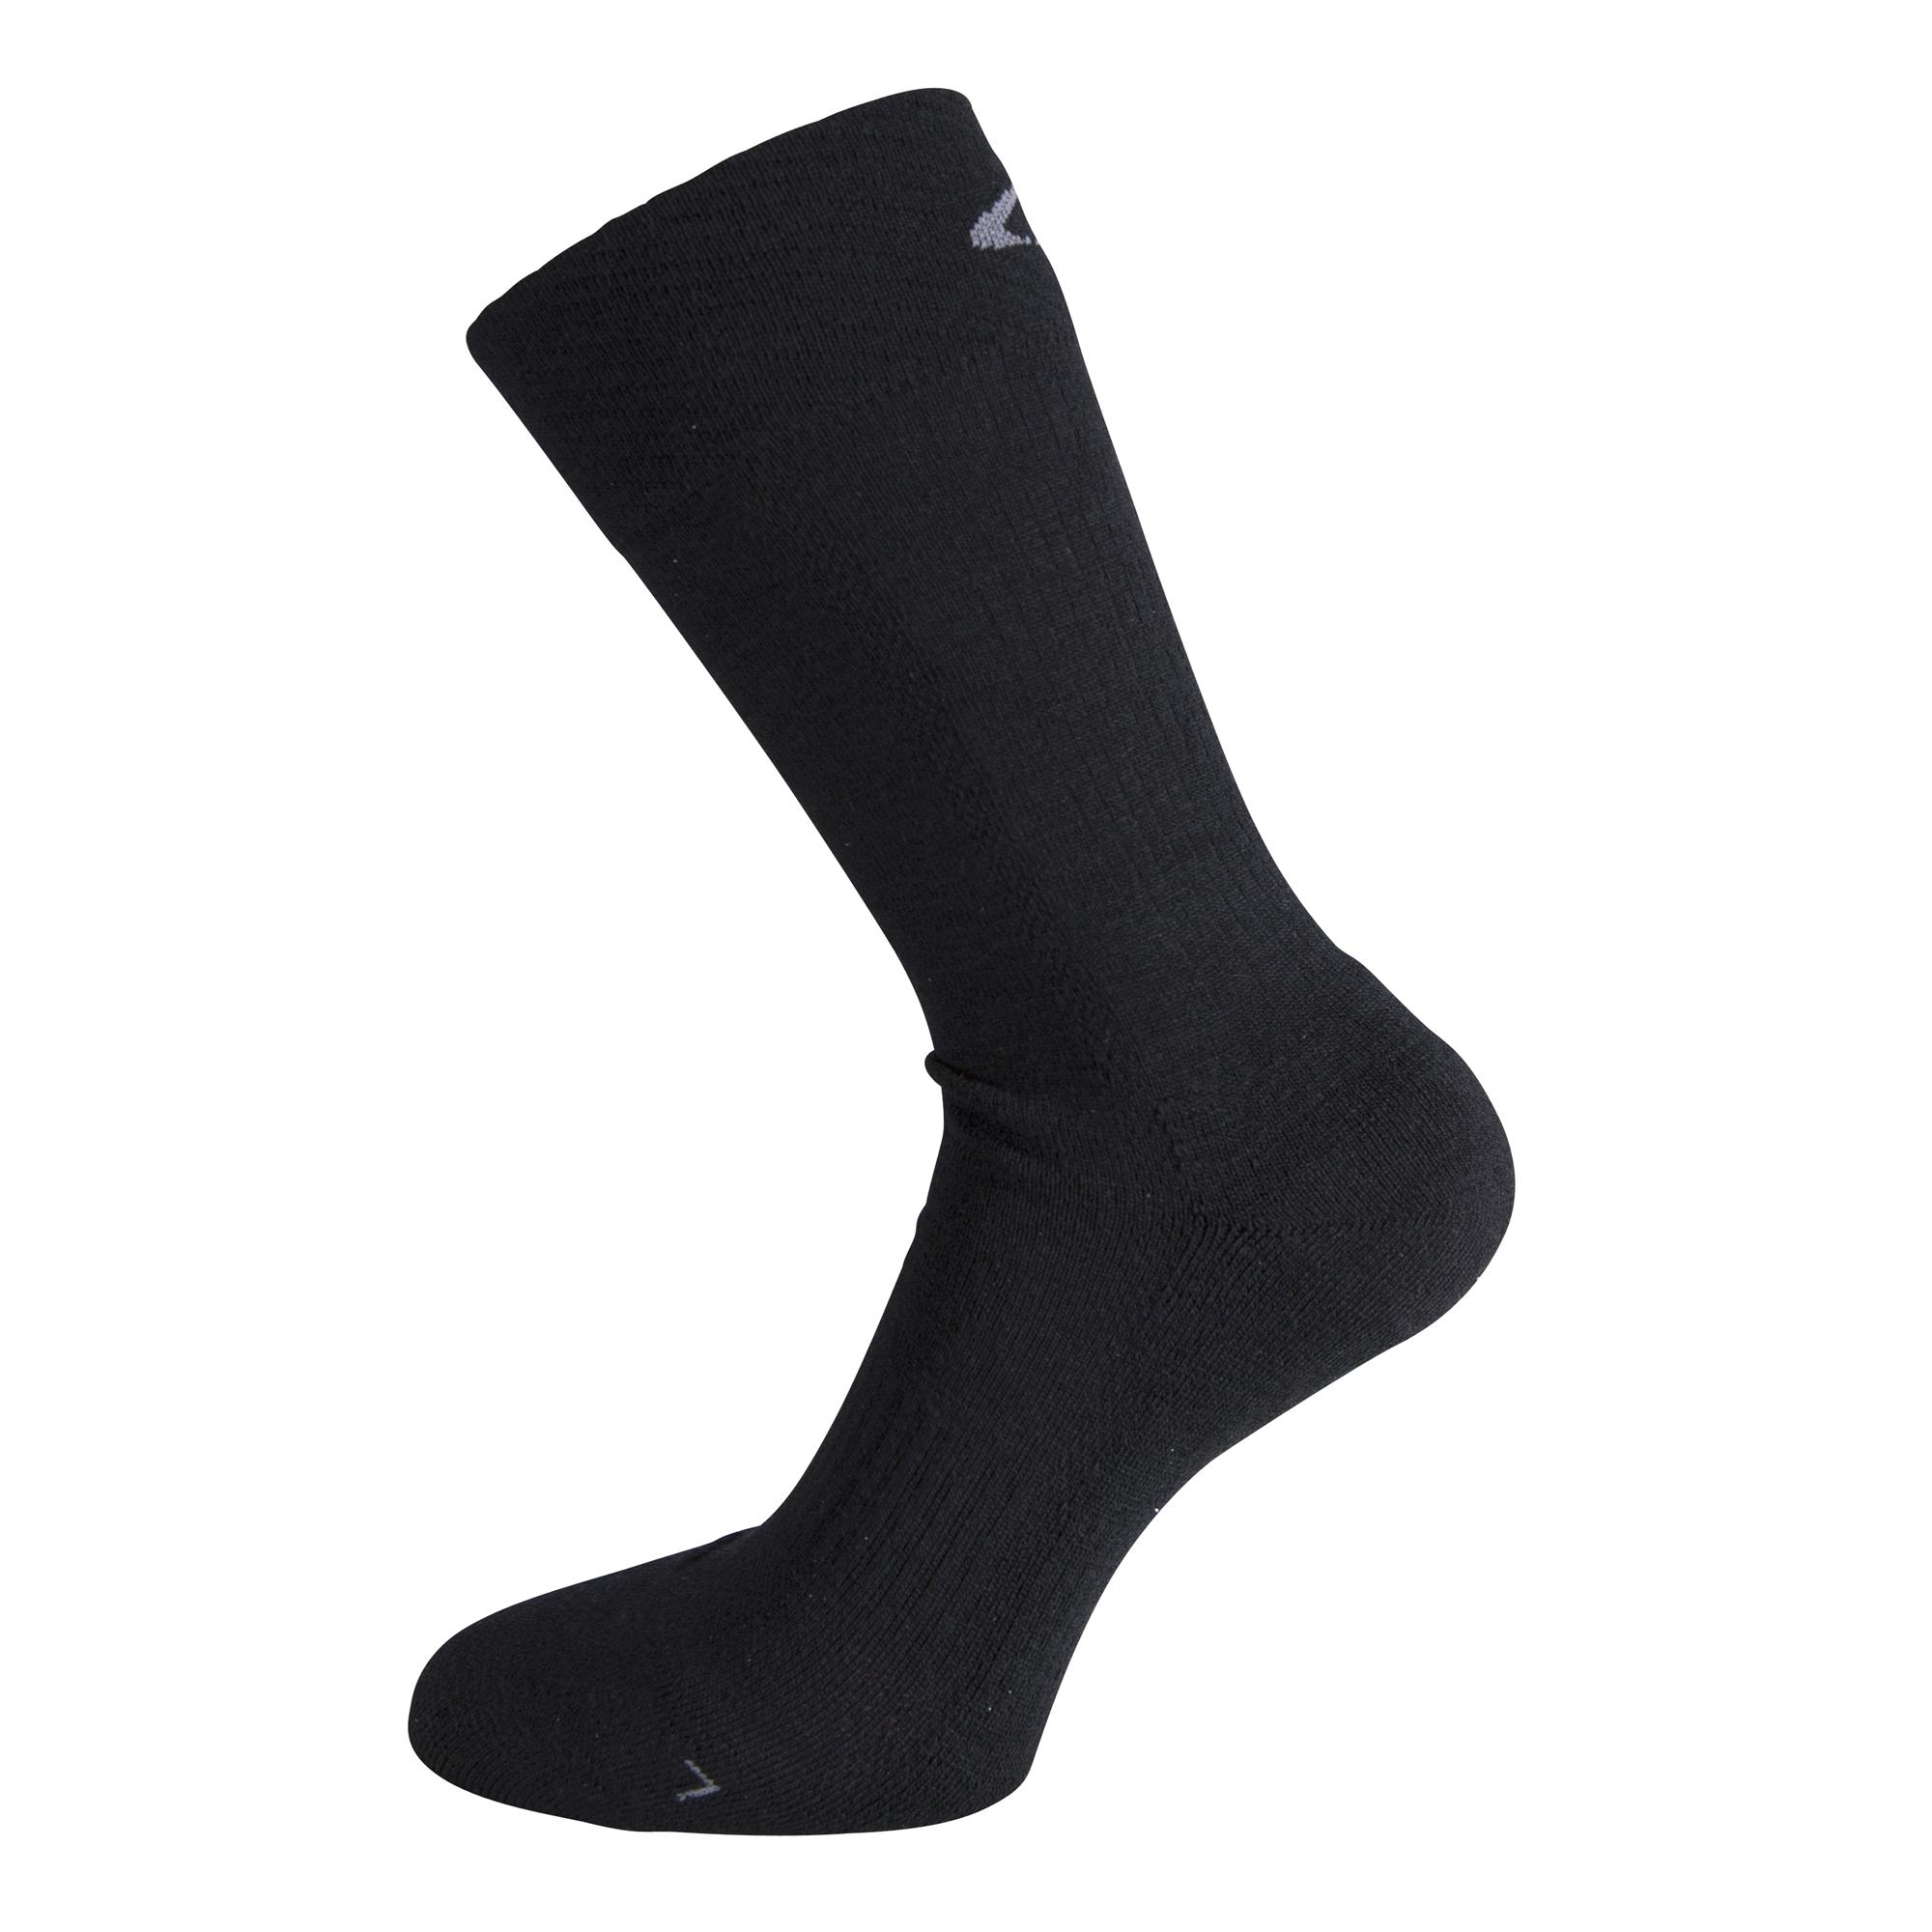 Ulvang Super - Mediumtyk uldsok - Sort | Socks